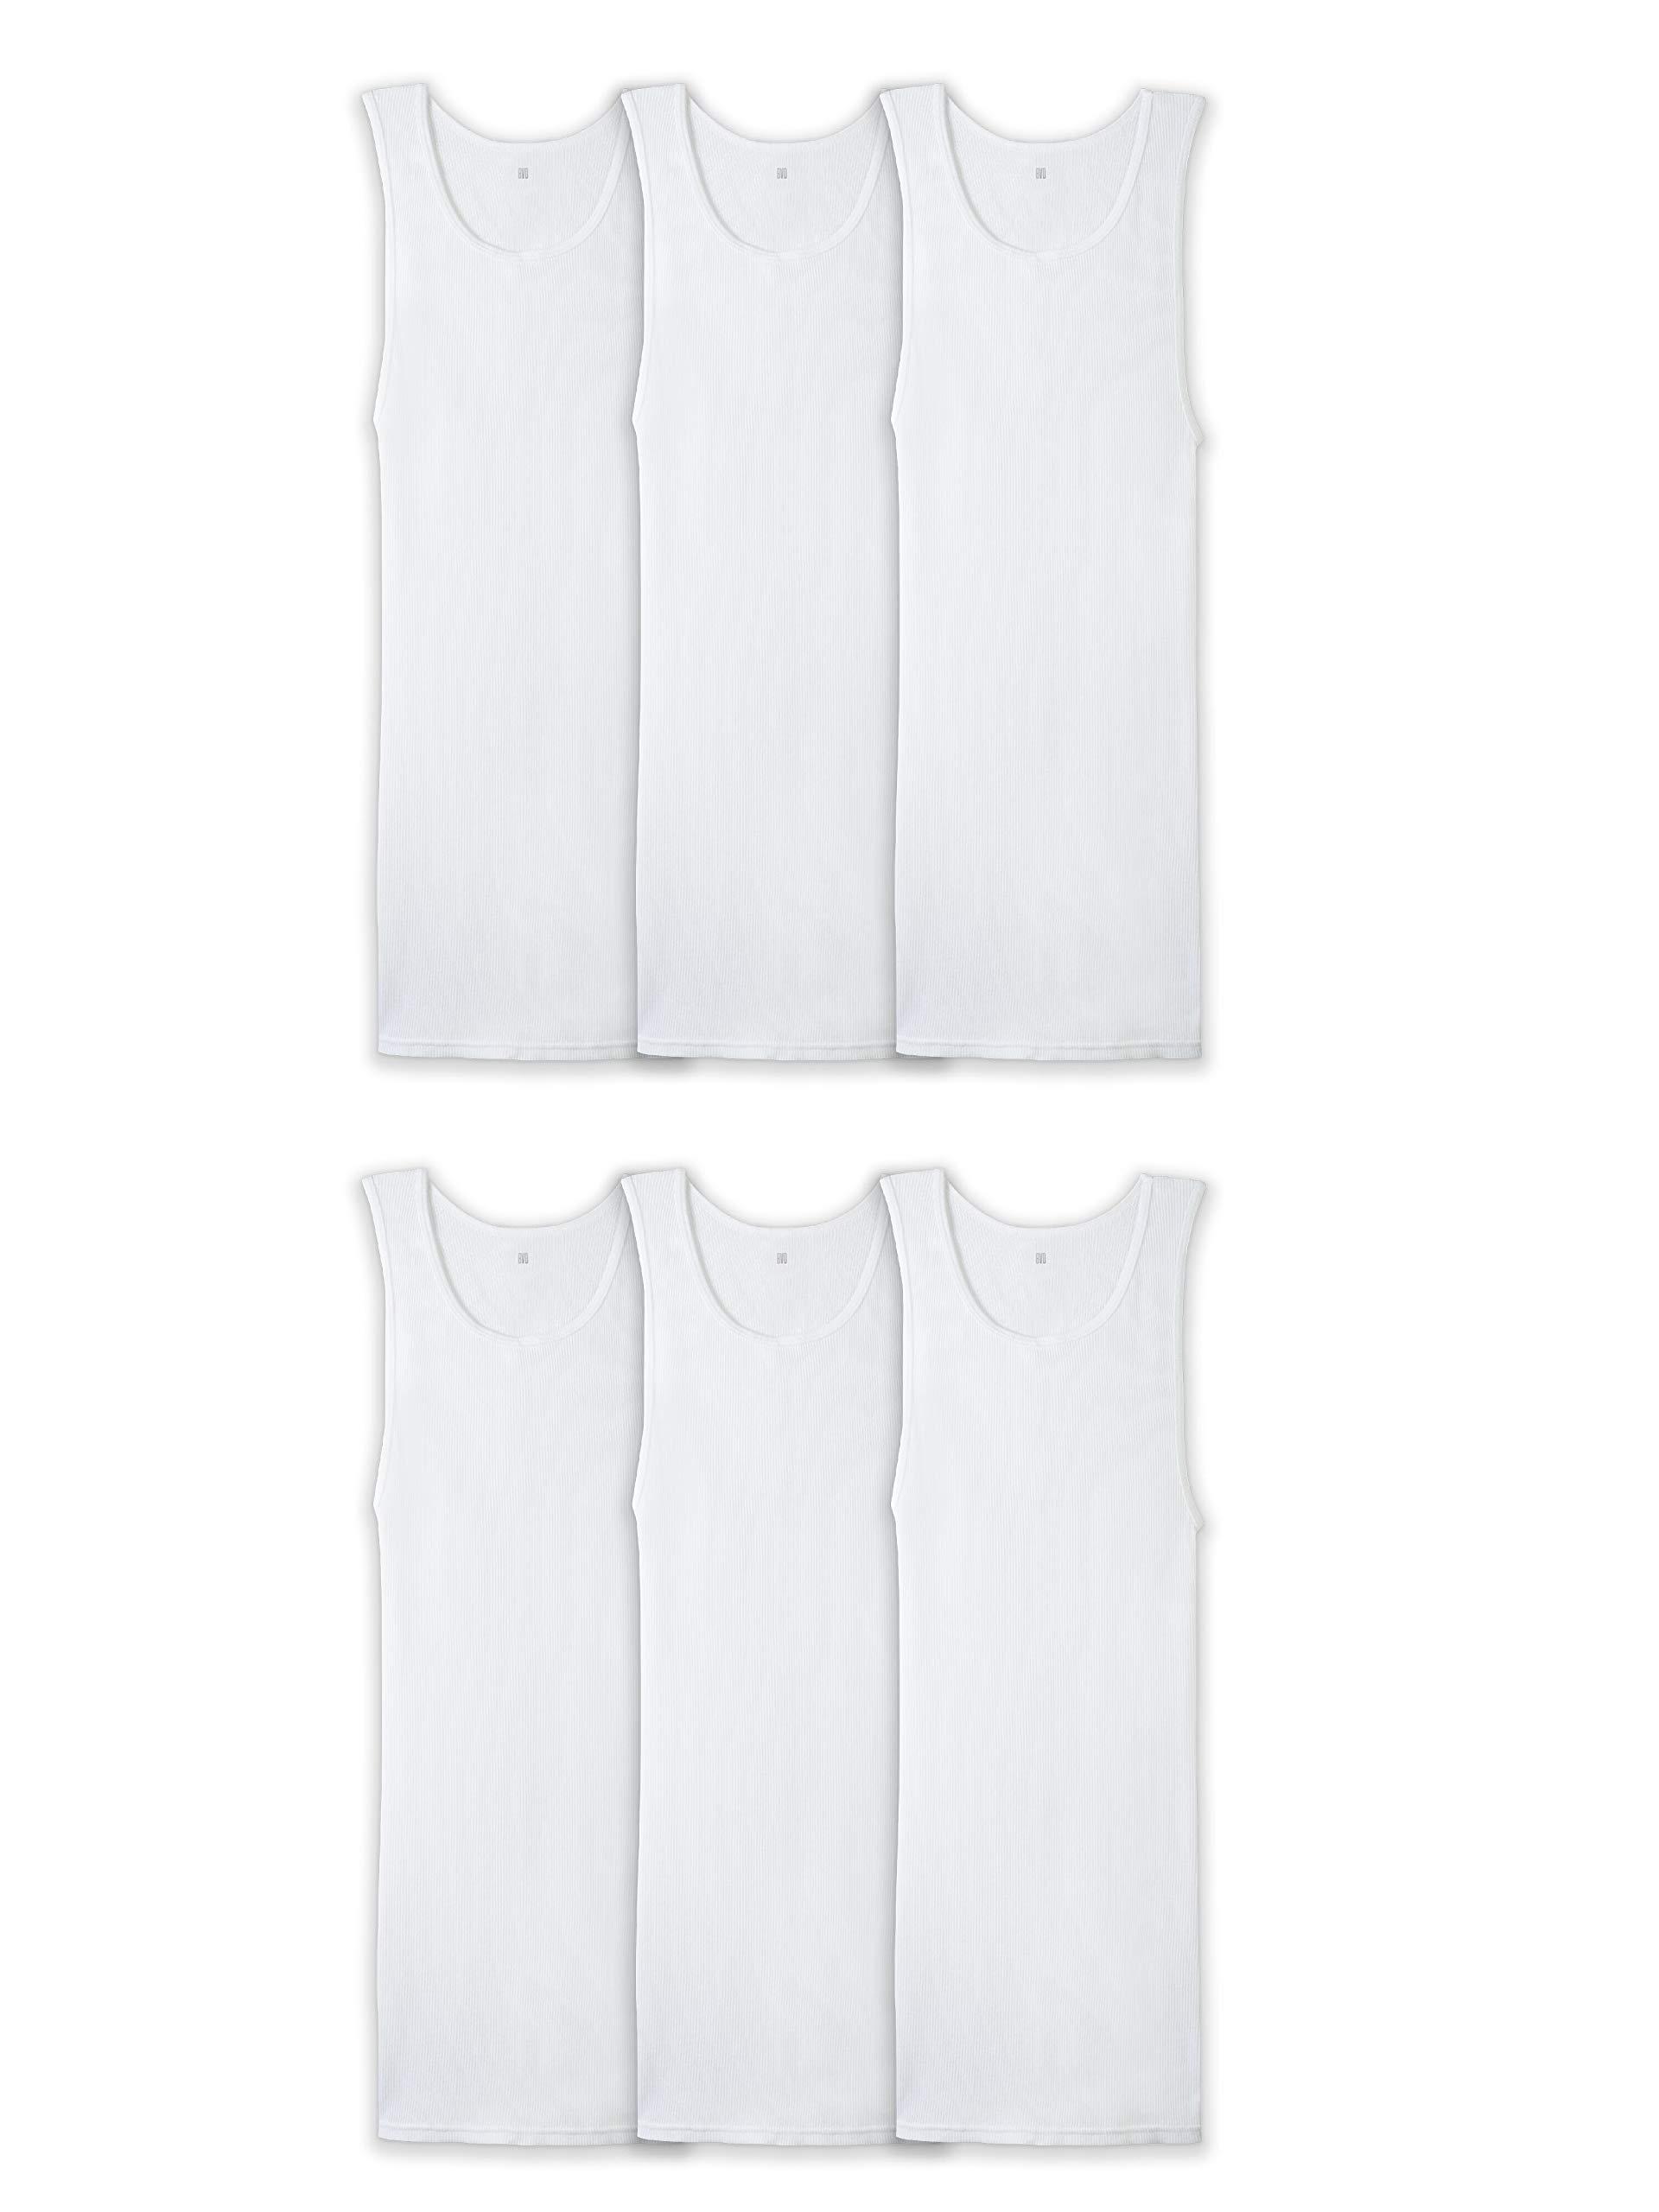 BVD Men's Six-Pack A-Shirt